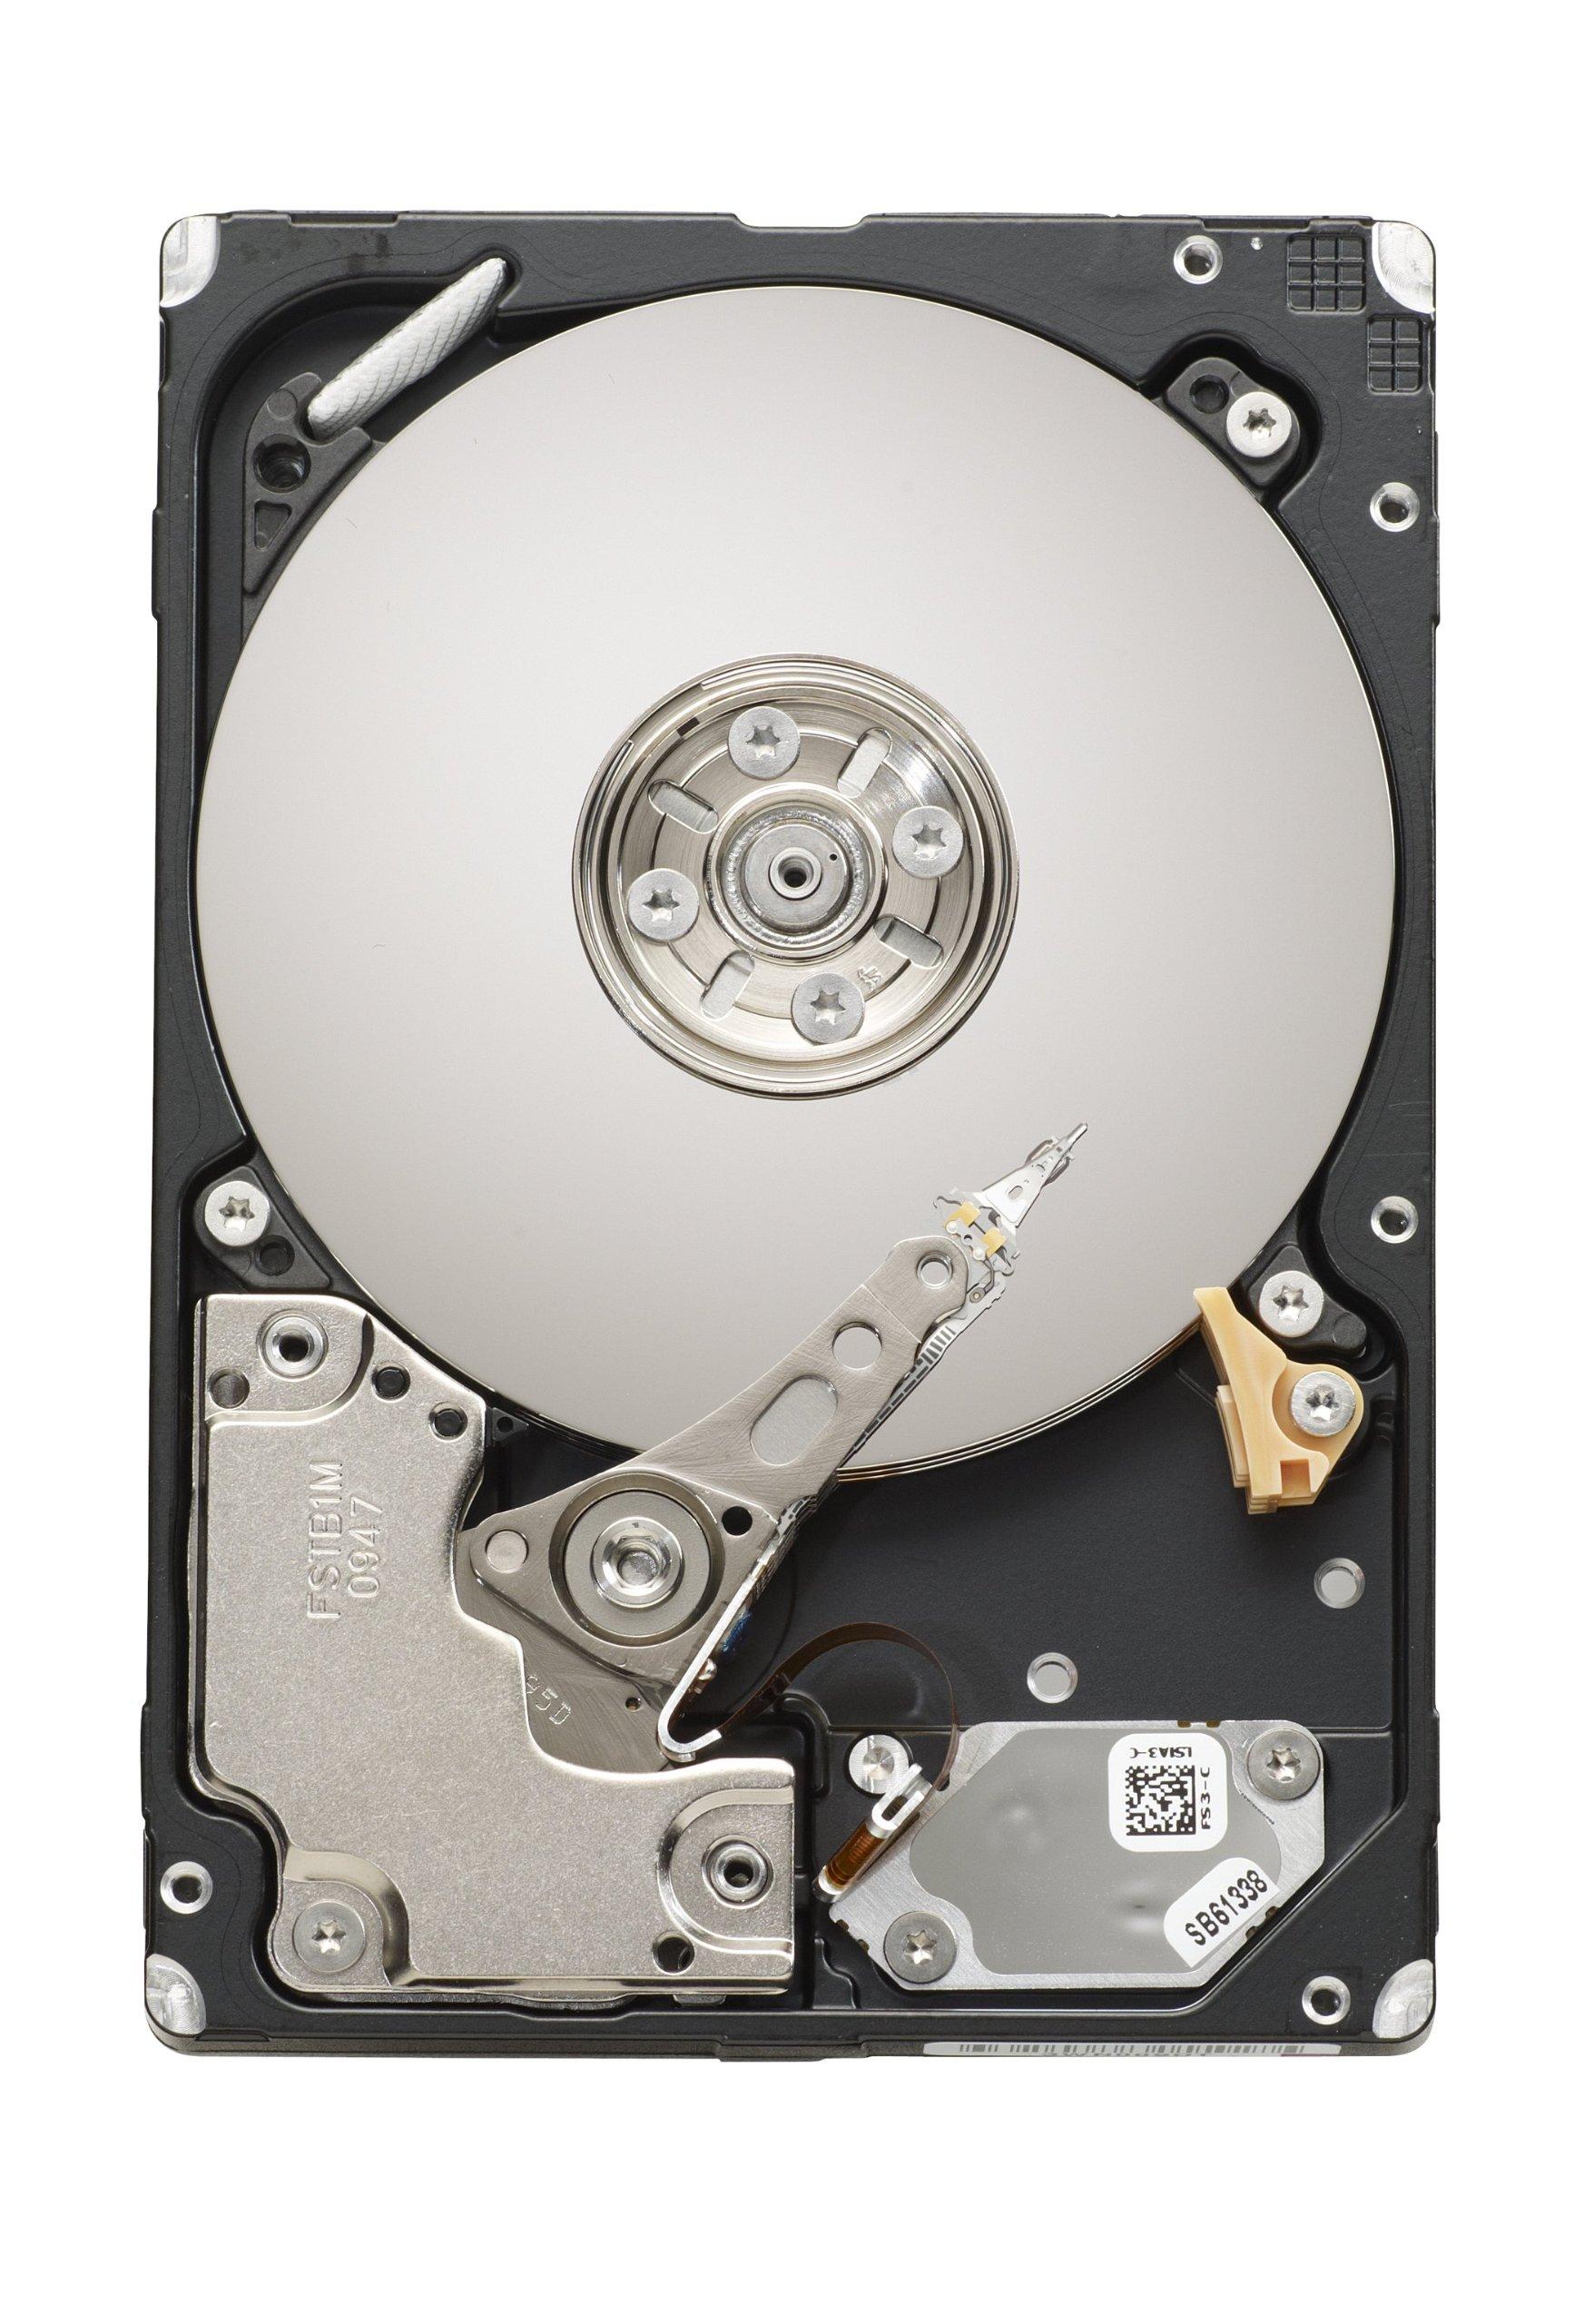 Seagate Savvio 10K.4 600 GB 10000RPM SAS 6-Gb/S 16MB Cache 2.5 Inch Internal Bare Drive ST9600204SS by Seagate